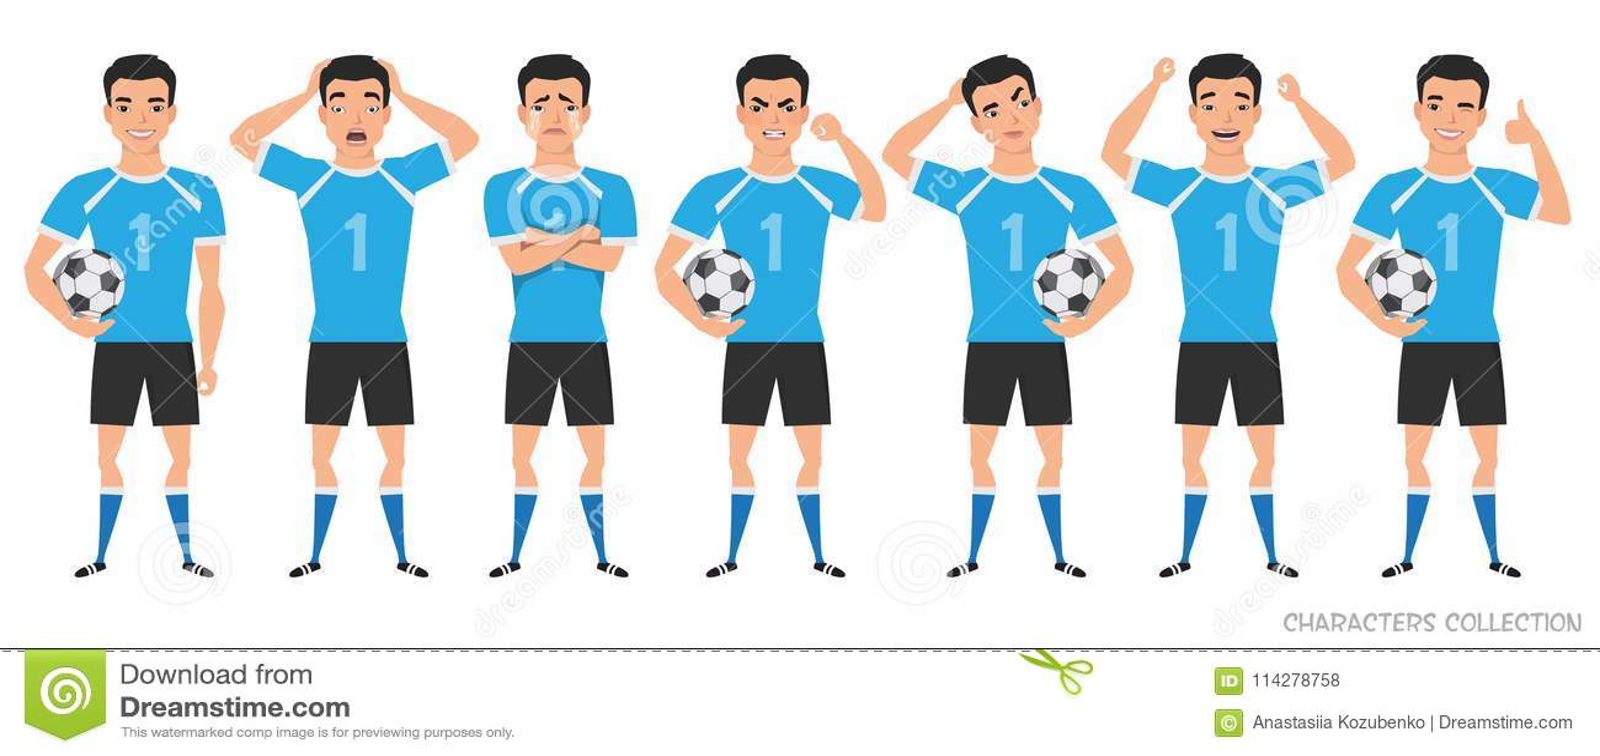 Конструктор характера футболиста позиции азиатского футболиста различные, установленные эмоции